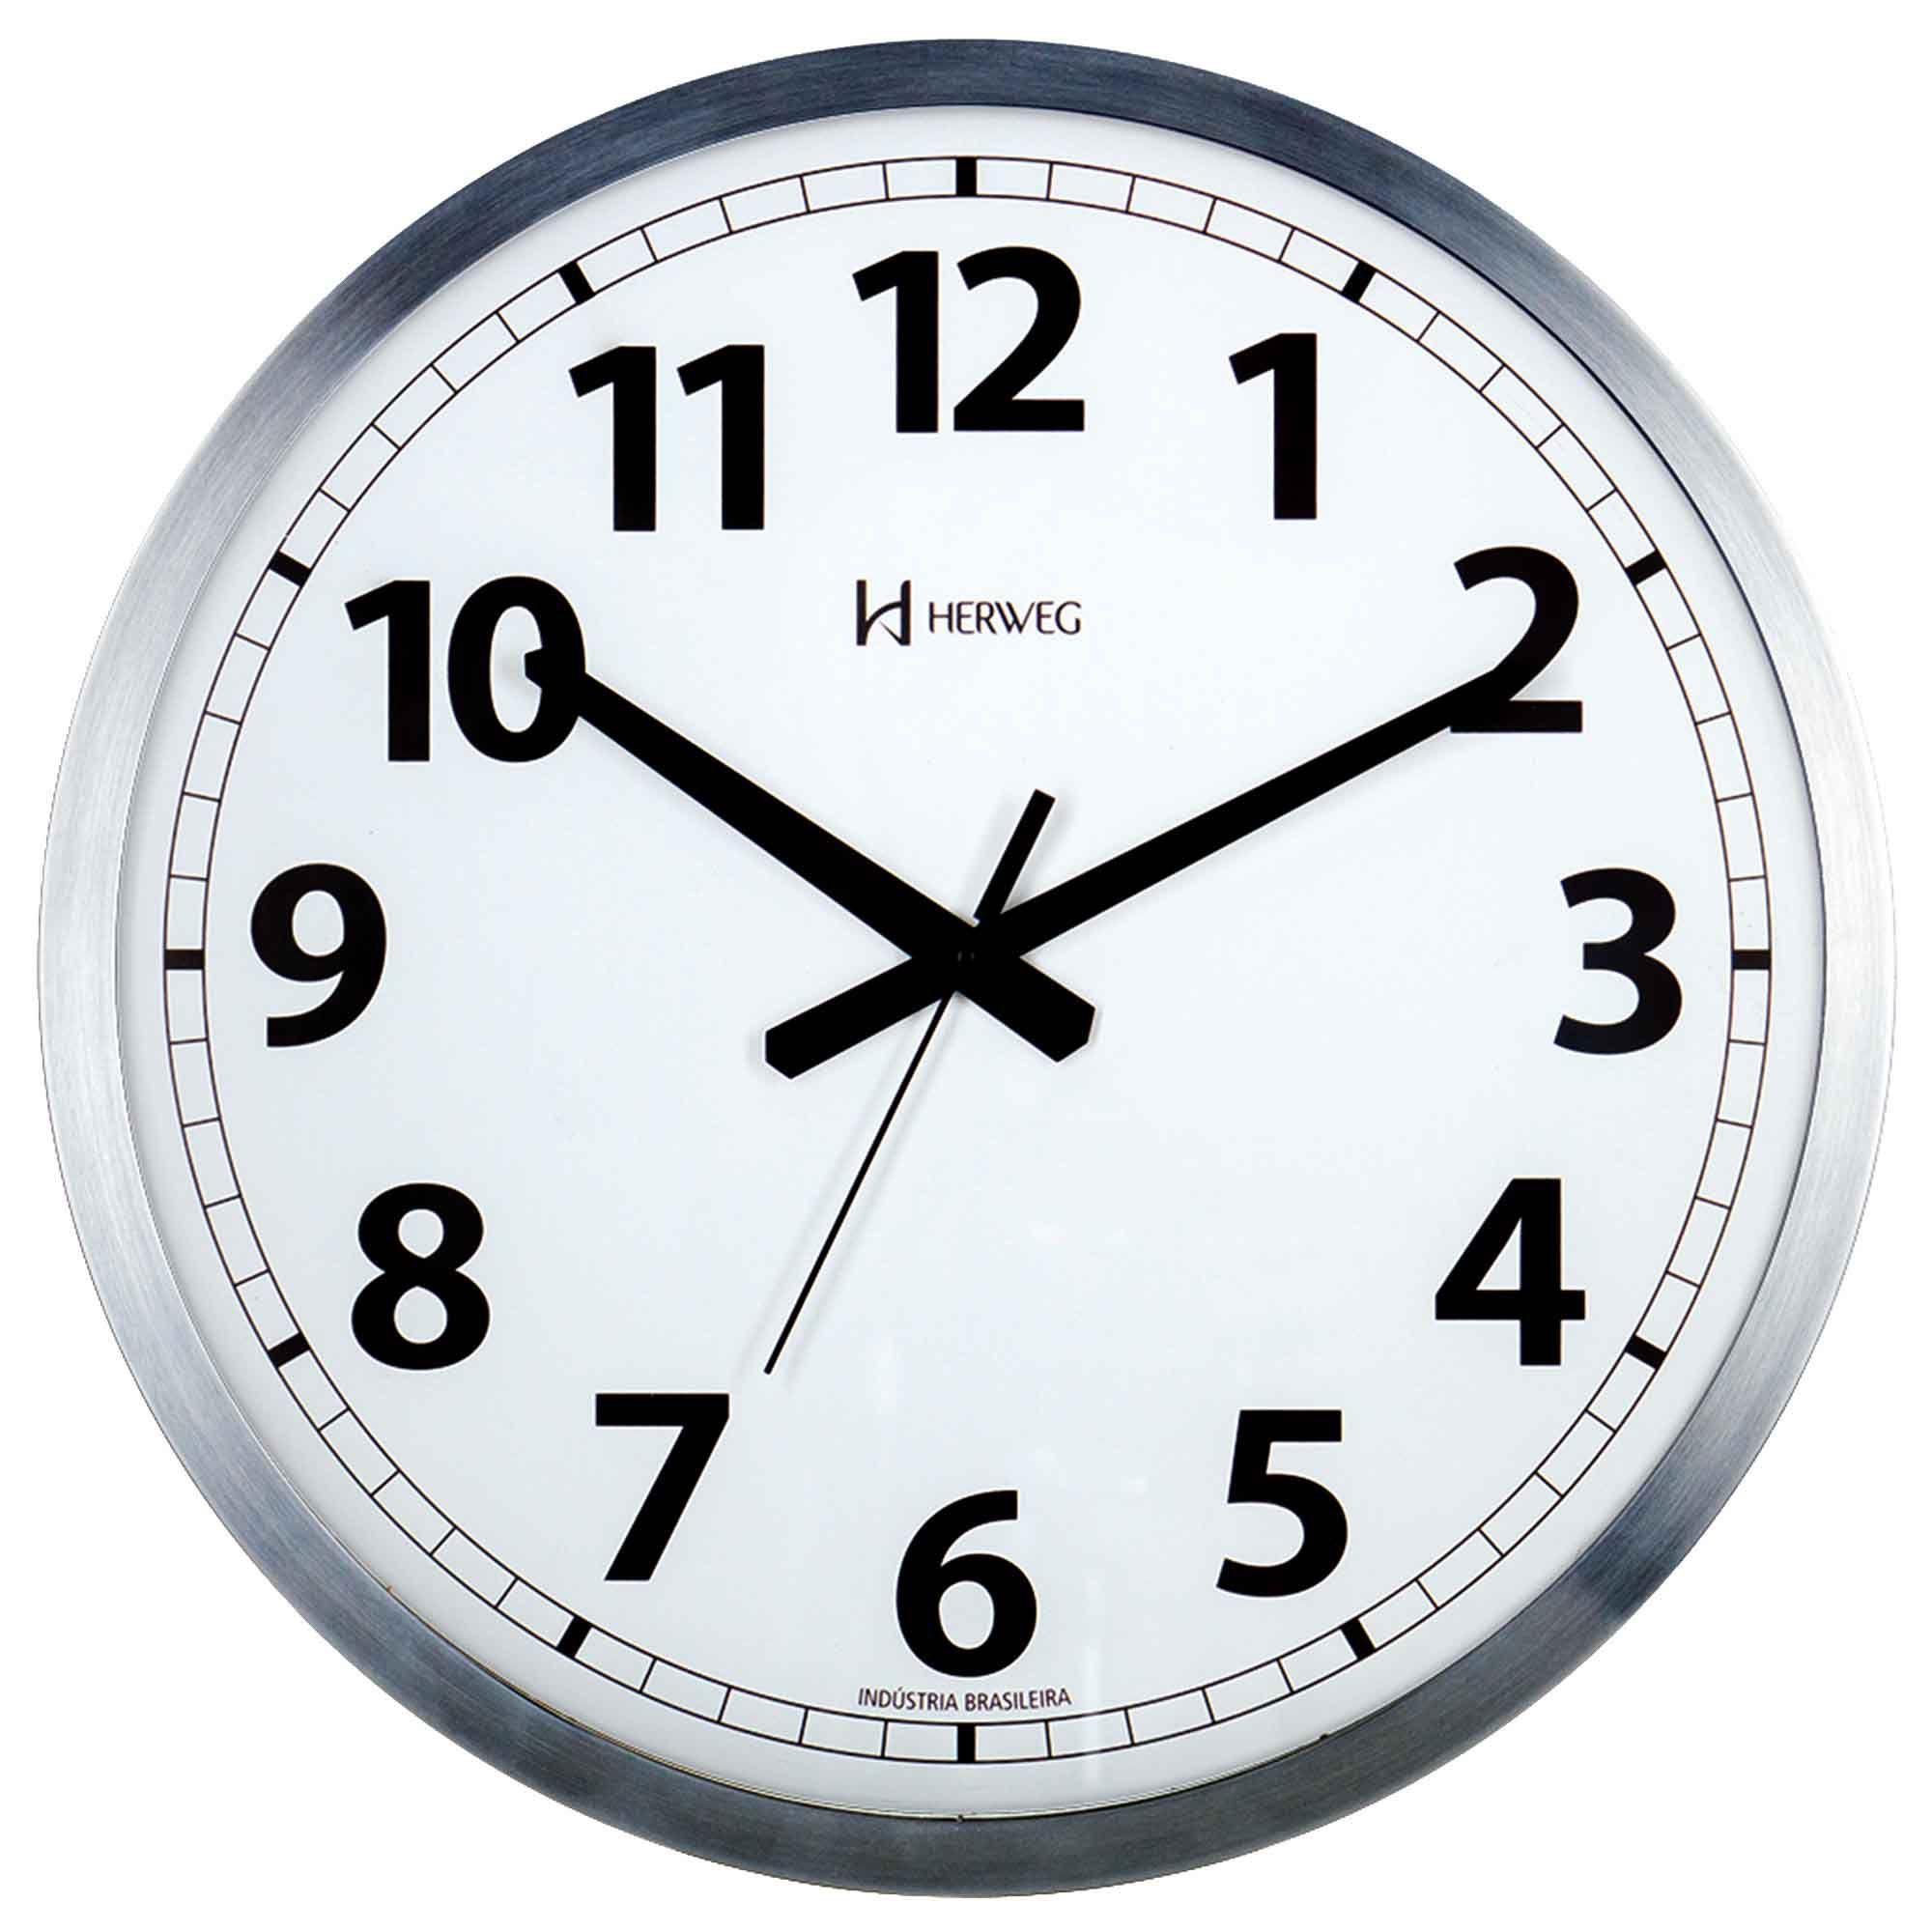 Relógio de Parede Analógico Herweg 6712 079 Alumínio